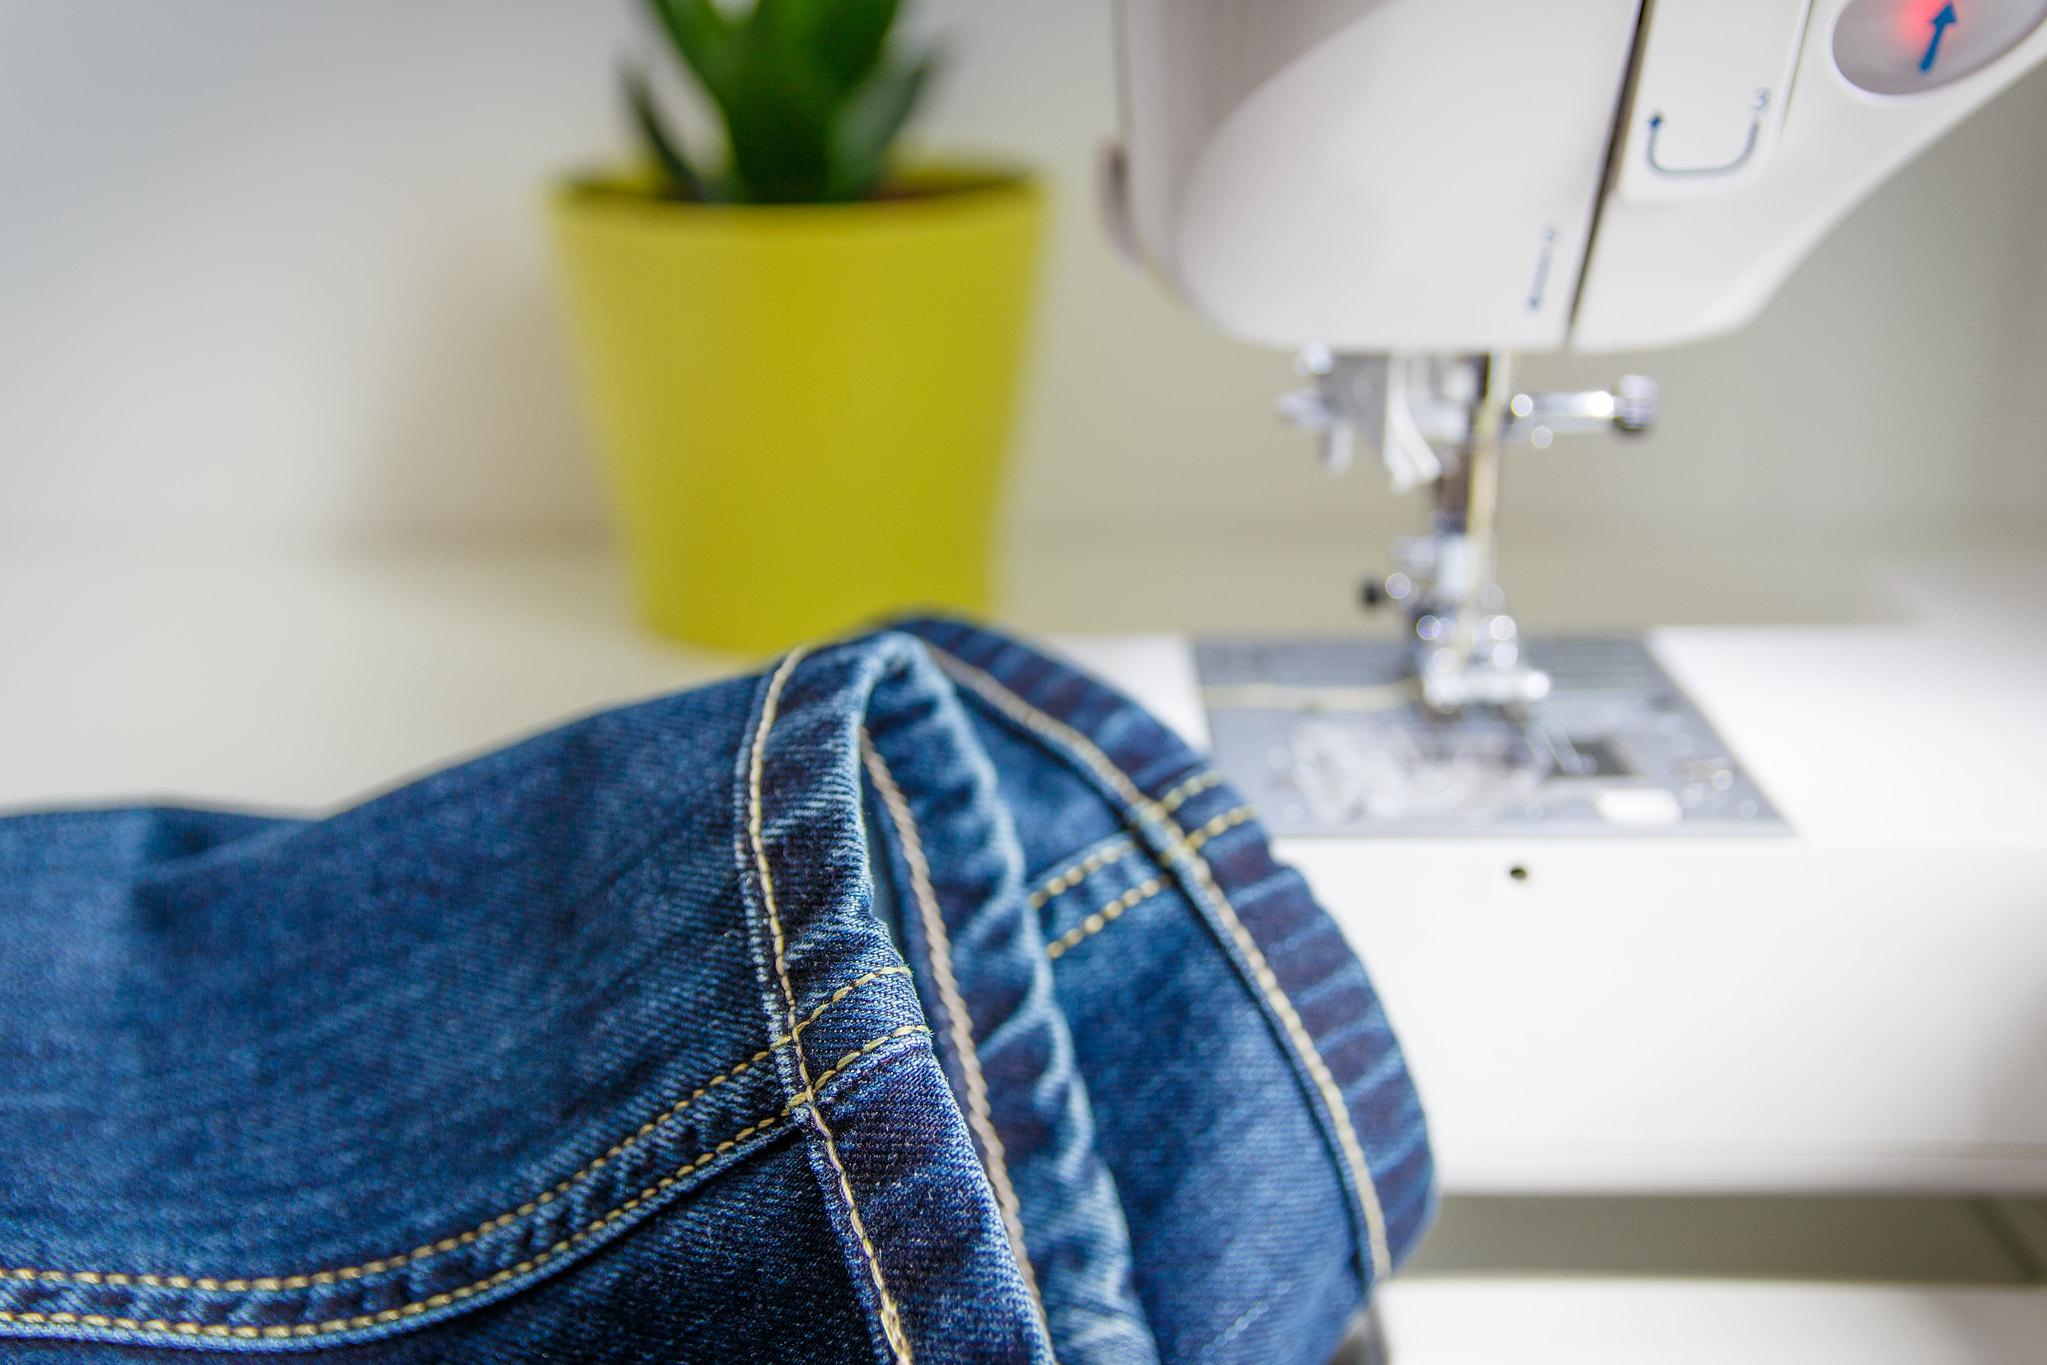 inne spodnie skrócone tę samą metodą